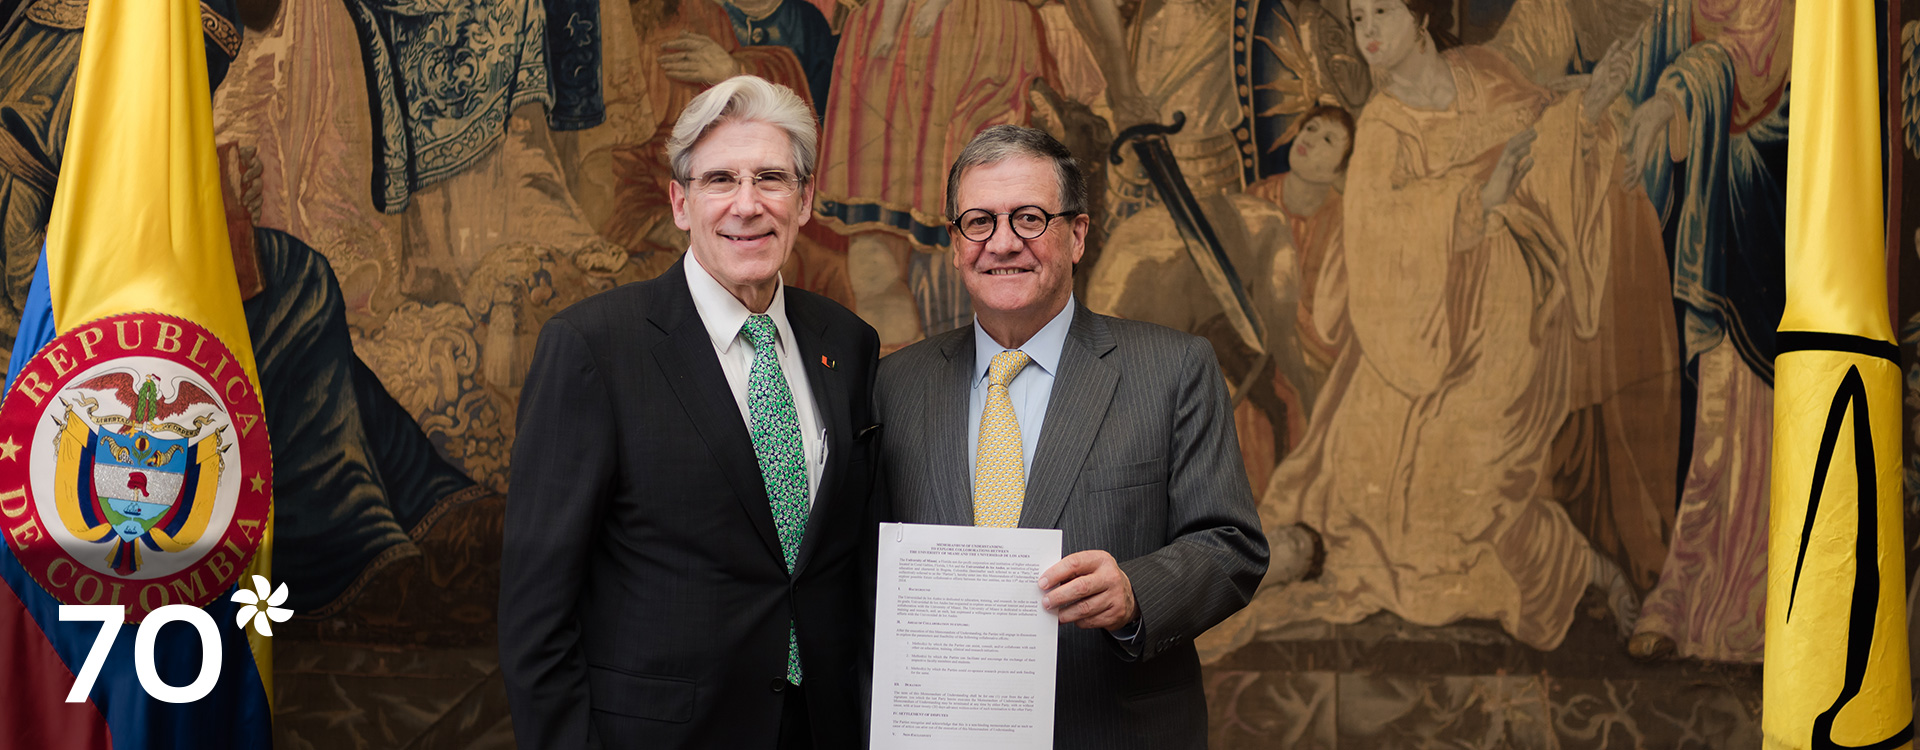 Los rectores de las universidades de Miami y de Los Andes con el convenio firmado en la mano